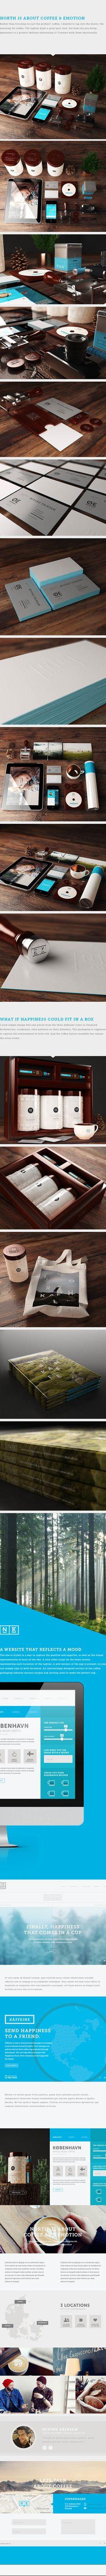 https://www.behance.net/gallery/14940705/North-Kaffe-(Identity-Design)